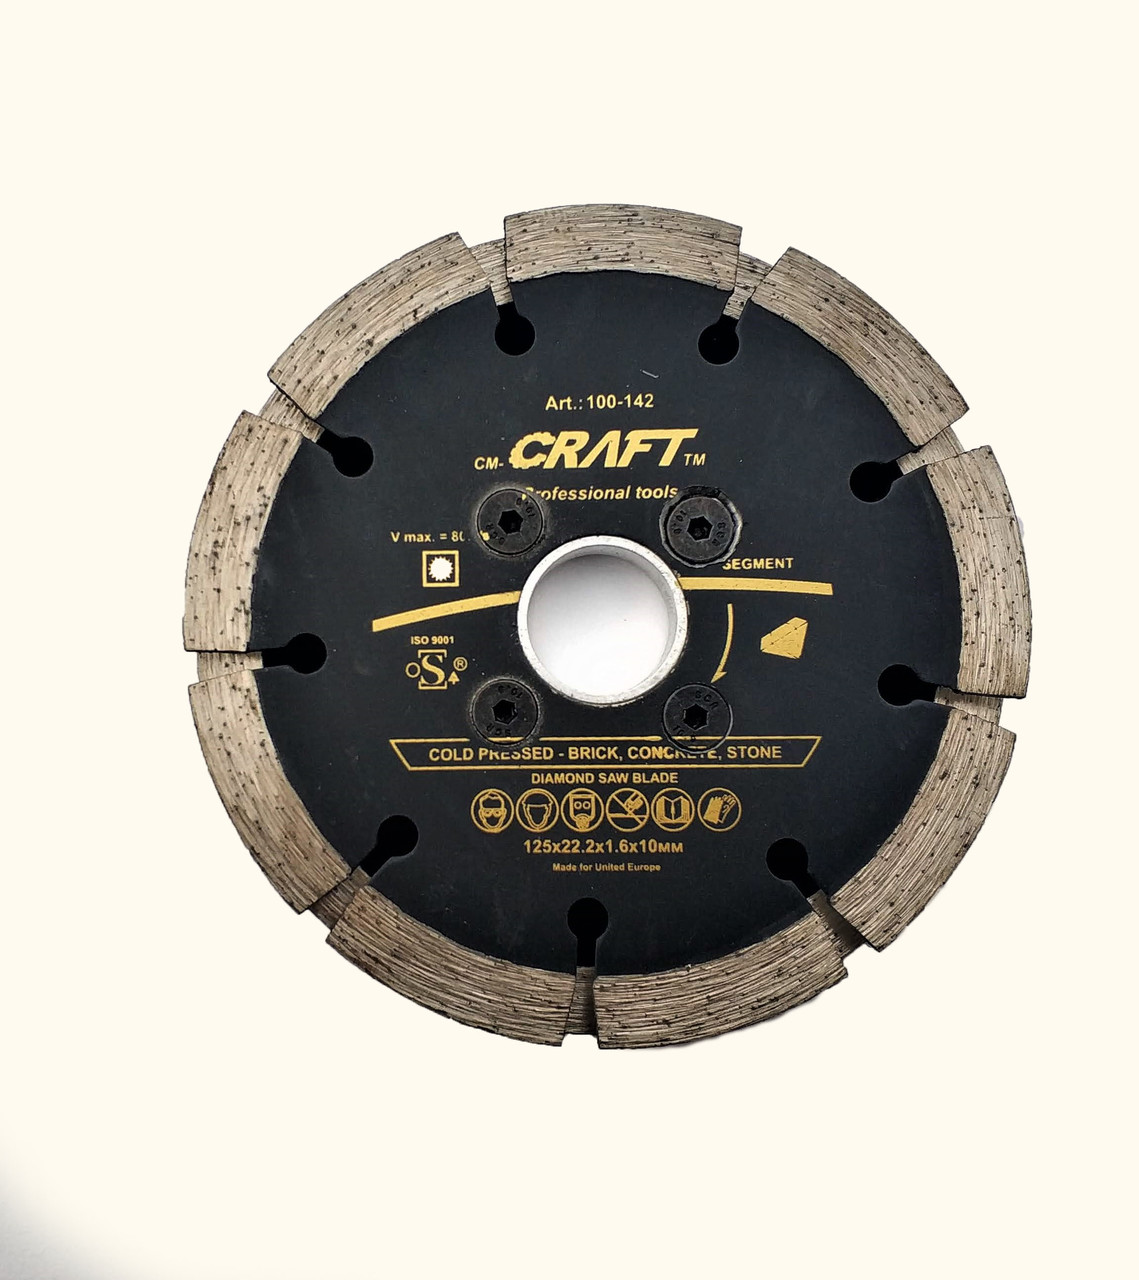 Диск Craft алмазний double segment 125/2*22,.2*1.6*10мм сухе нарізання штроб у цеглі/бетоні